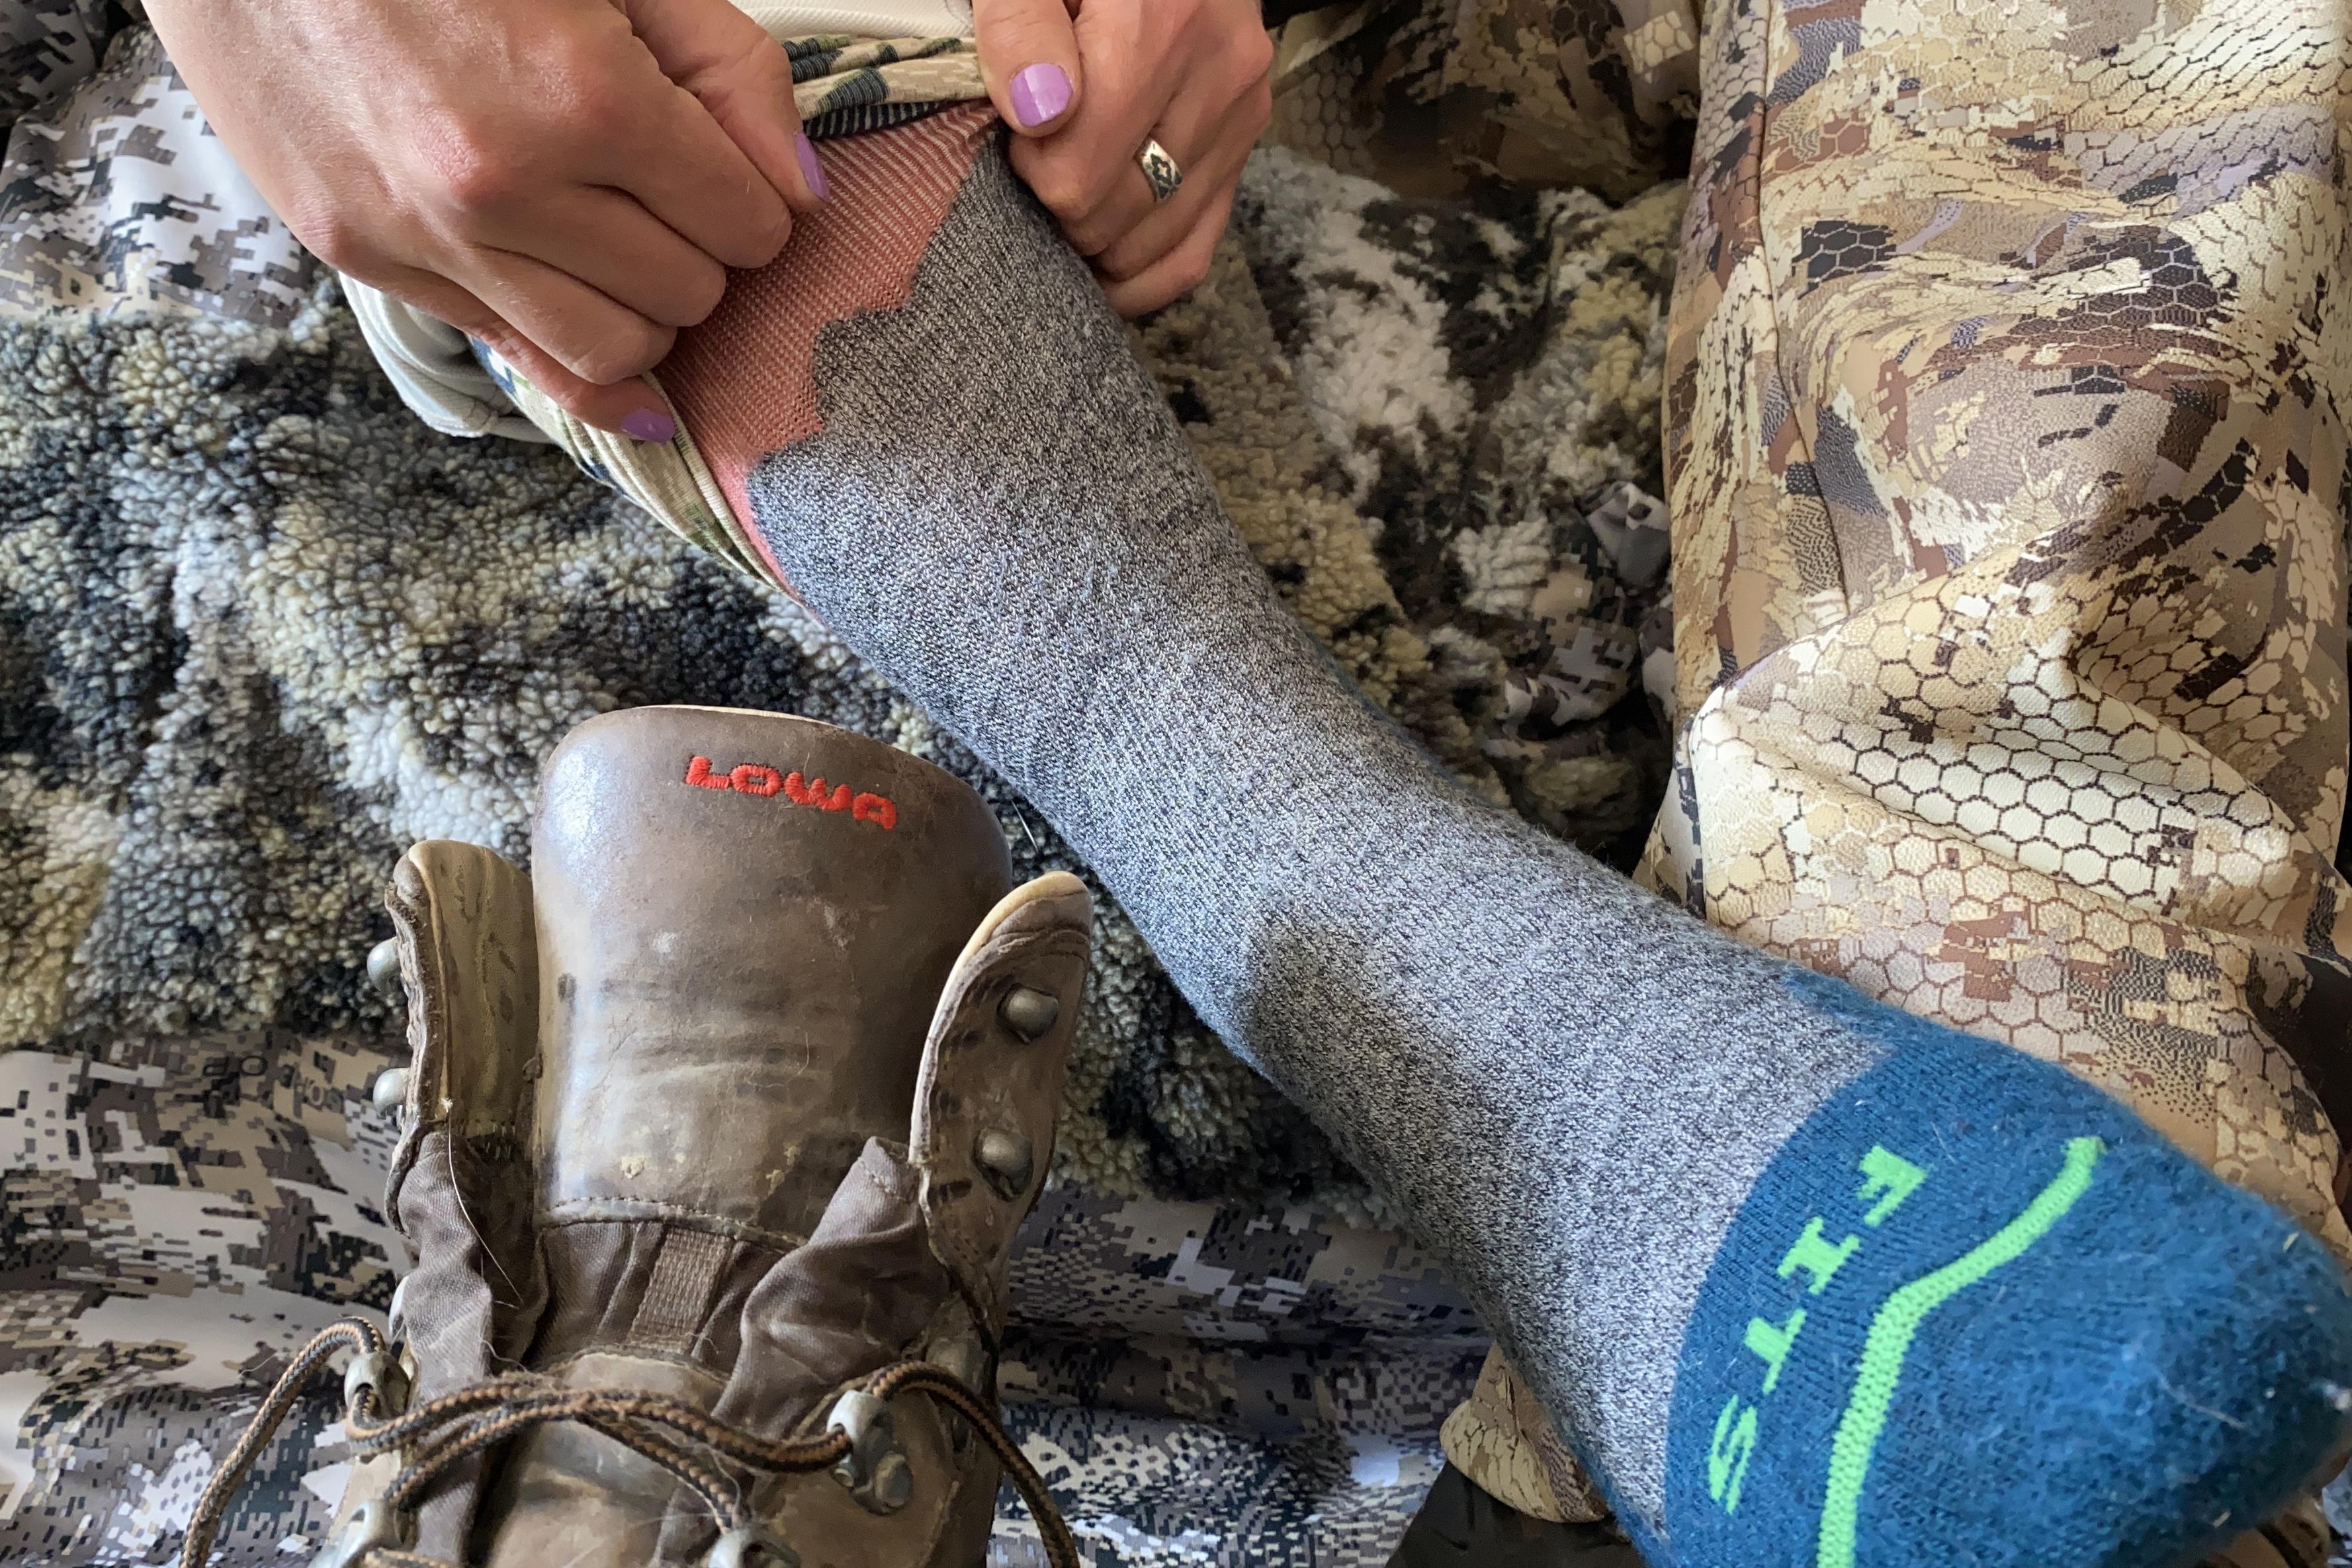 hunting socks, FITS socks, LOWA boots